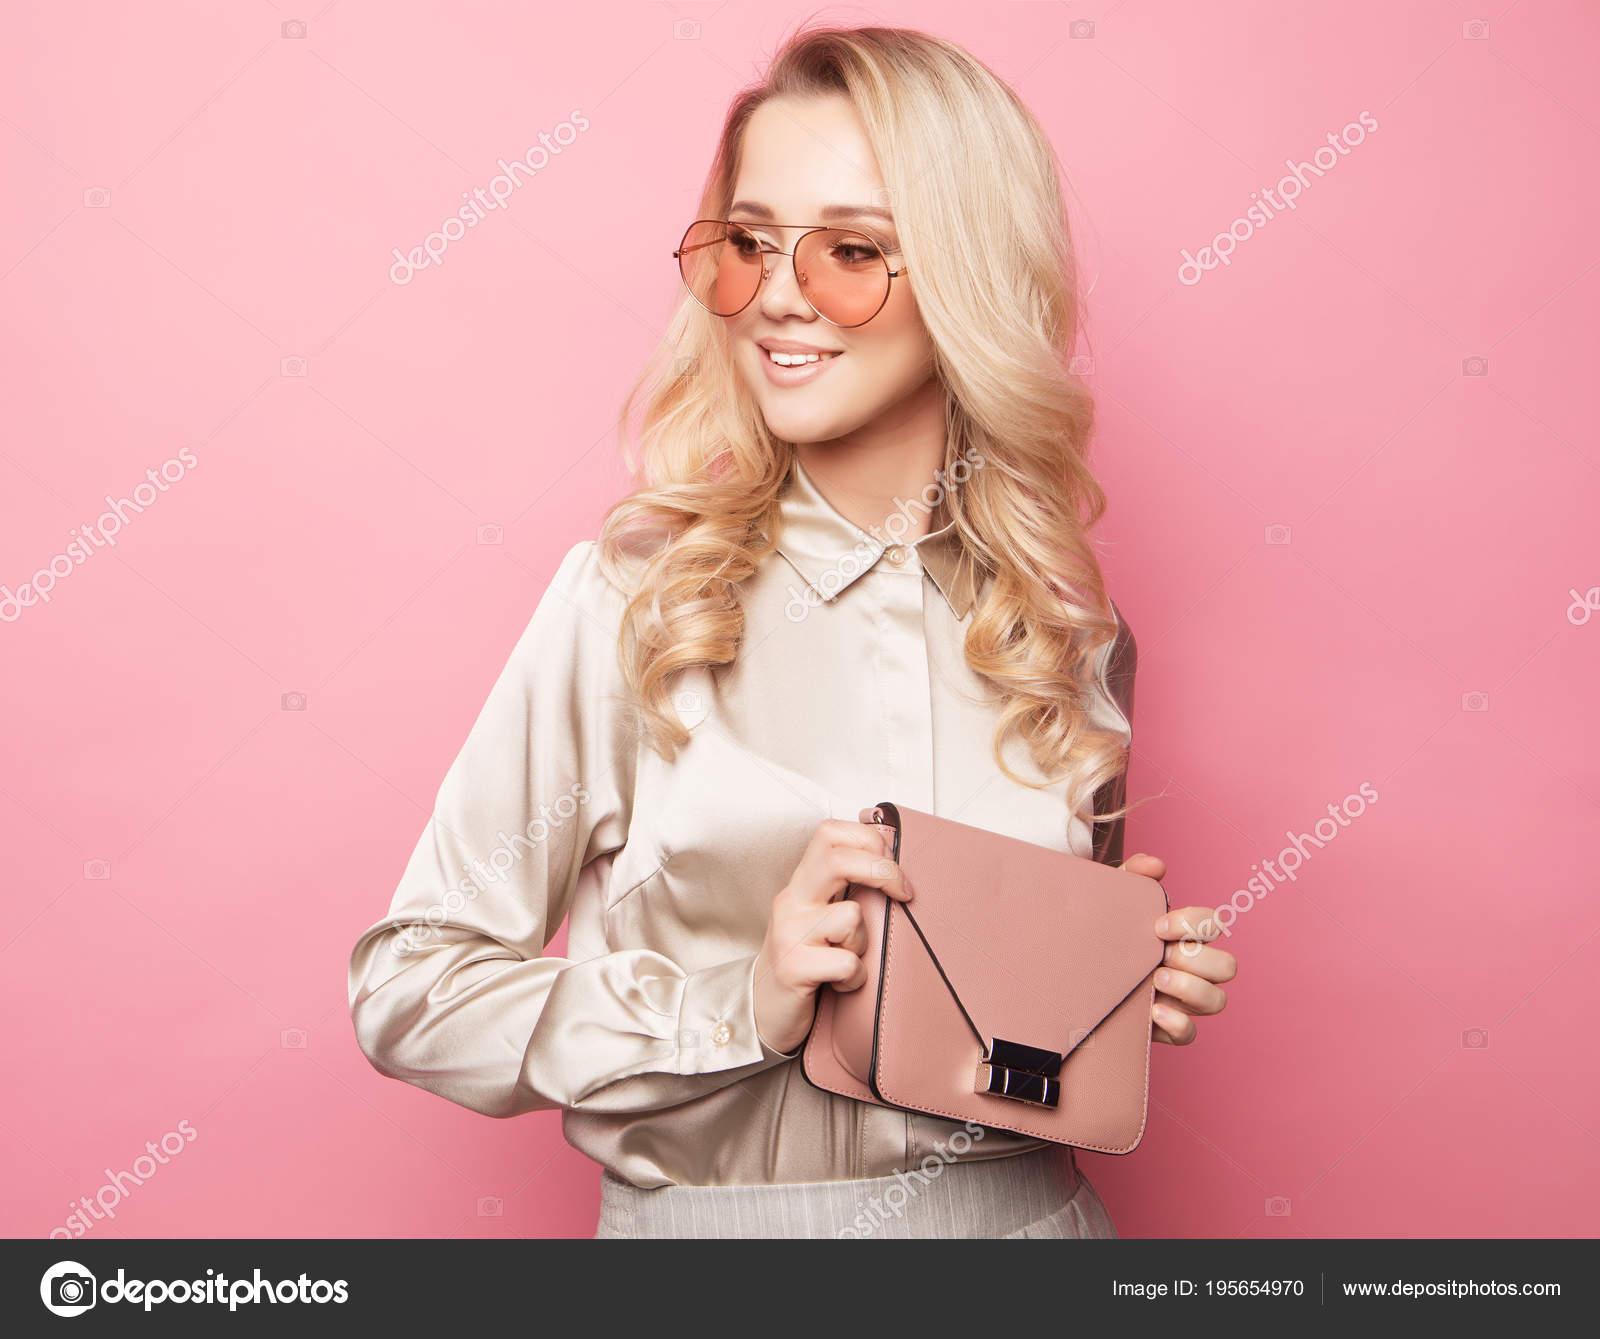 glumitsya-porno-foto-krasivih-blondinkah-v-bryukah